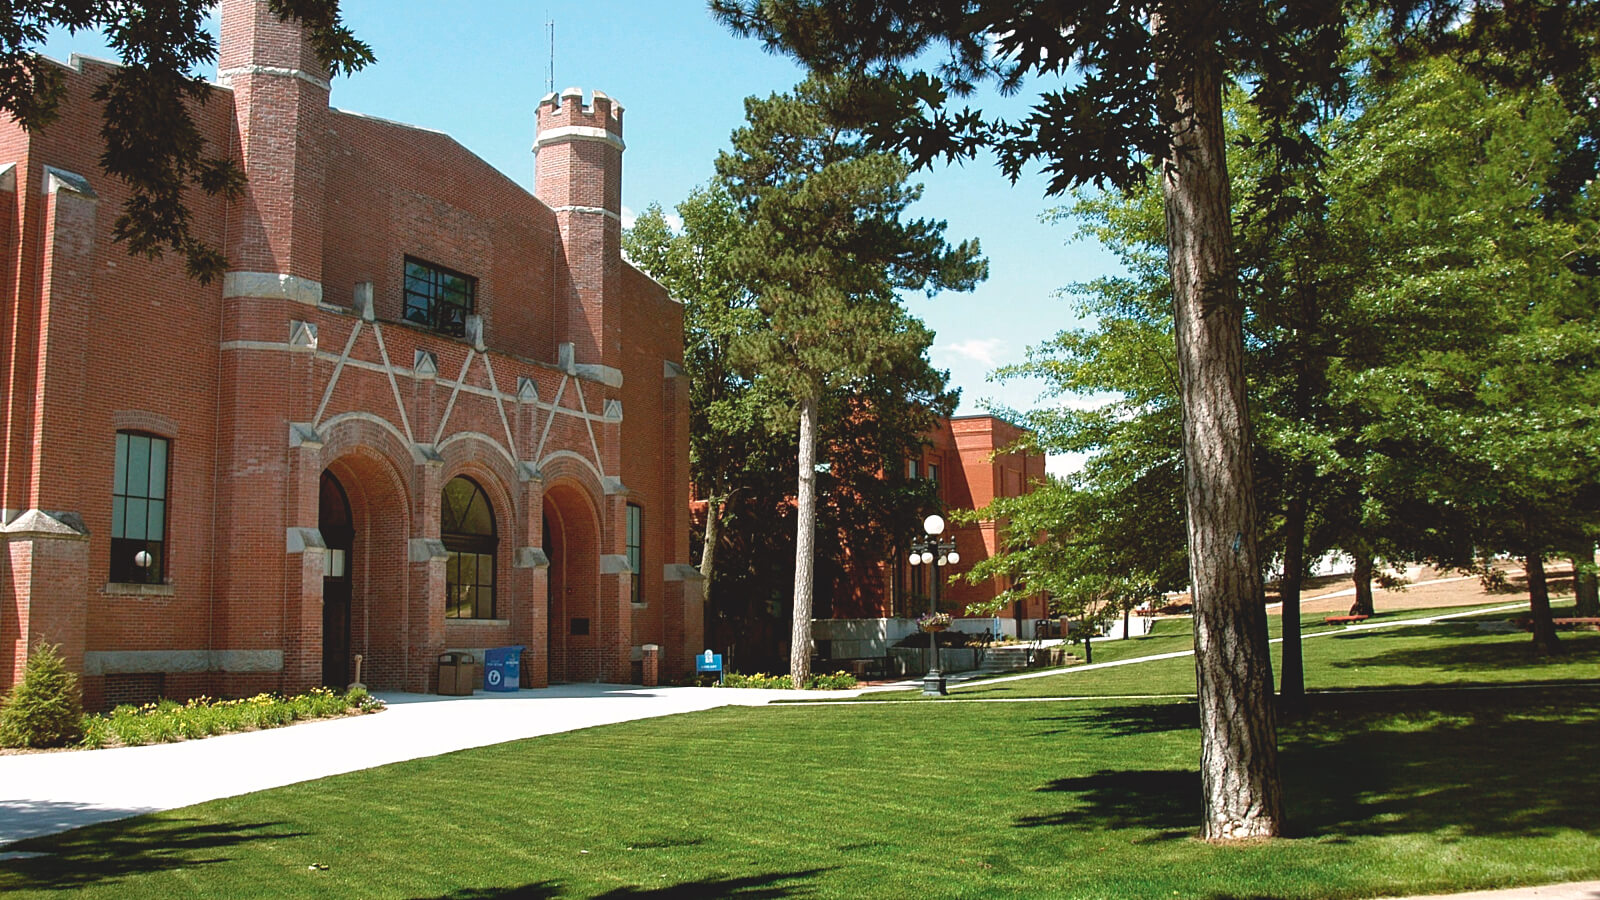 Peru State College >> Peru State College Cappex